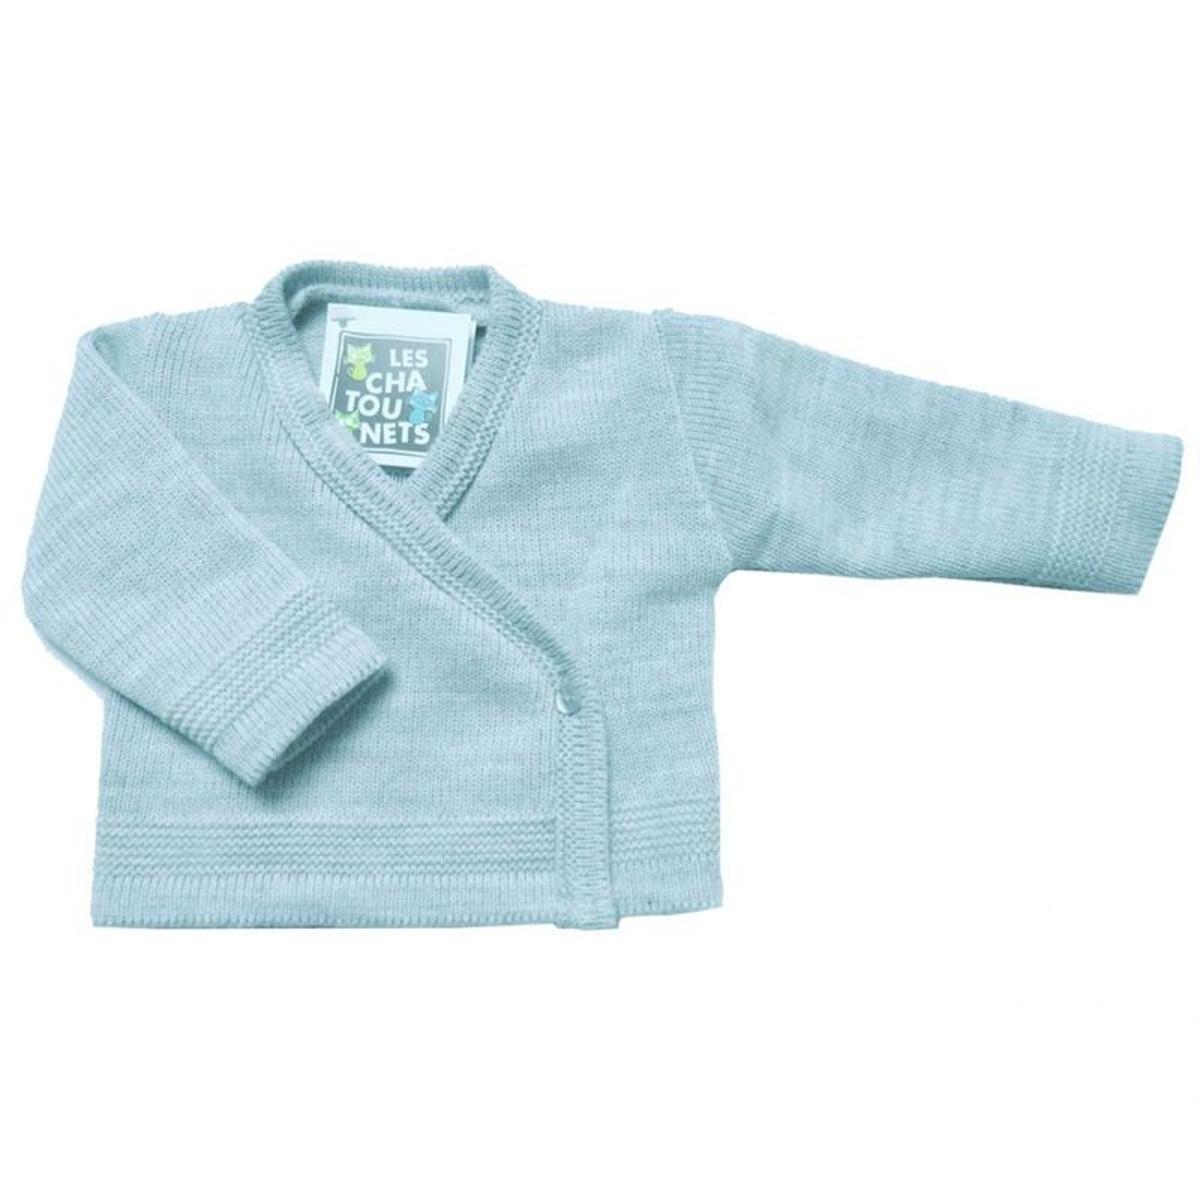 Brassiere naissance en tricot